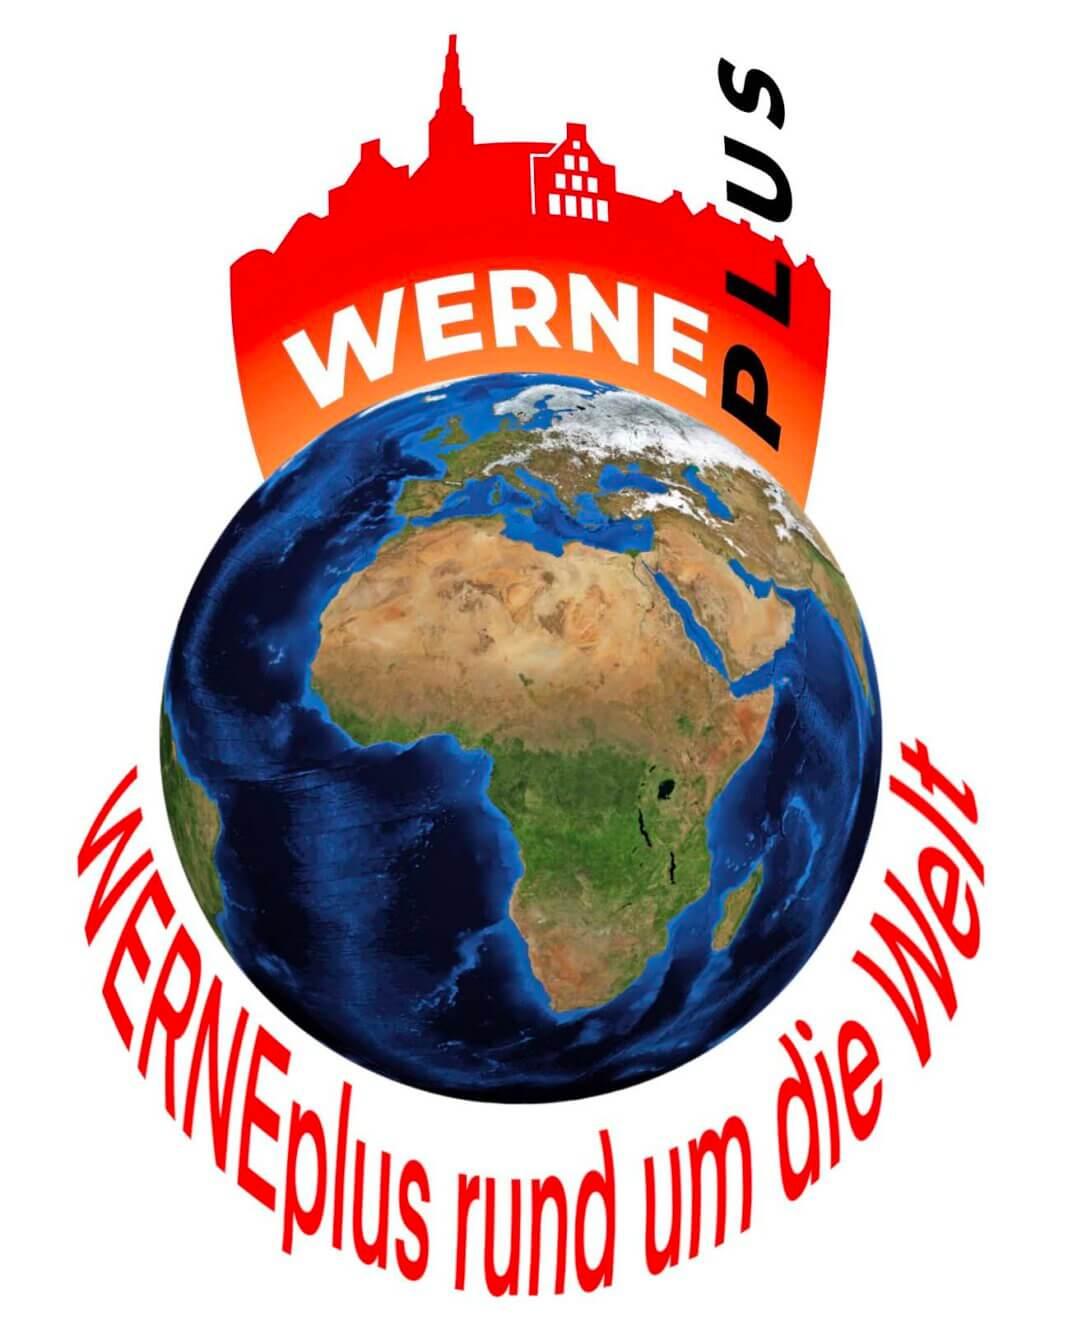 WERNEplus wird auf der ganzen Welt gelesen. Foto: pixabay / Montage: Wagner